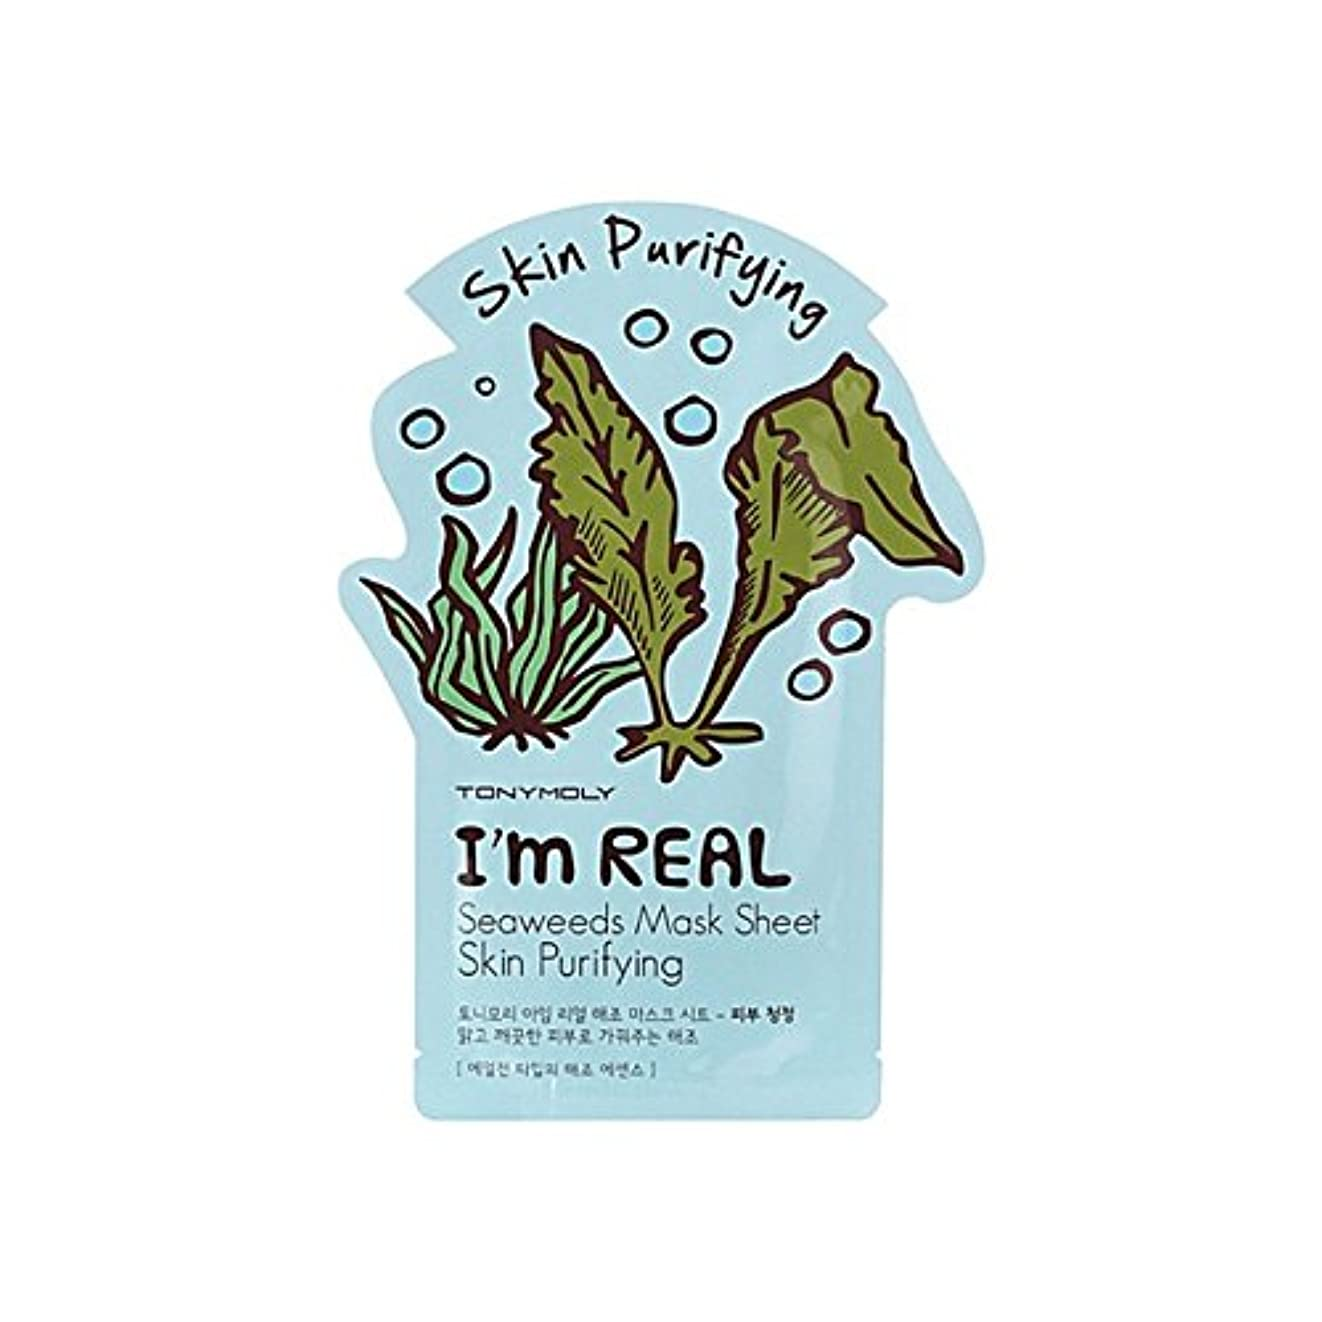 エイリアス人気カップルトニーモリー私は本当の肌浄化海藻フェイスマスクです x4 - Tony Moly I'M Real Skin Purifying Seaweed Face Mask (Pack of 4) [並行輸入品]